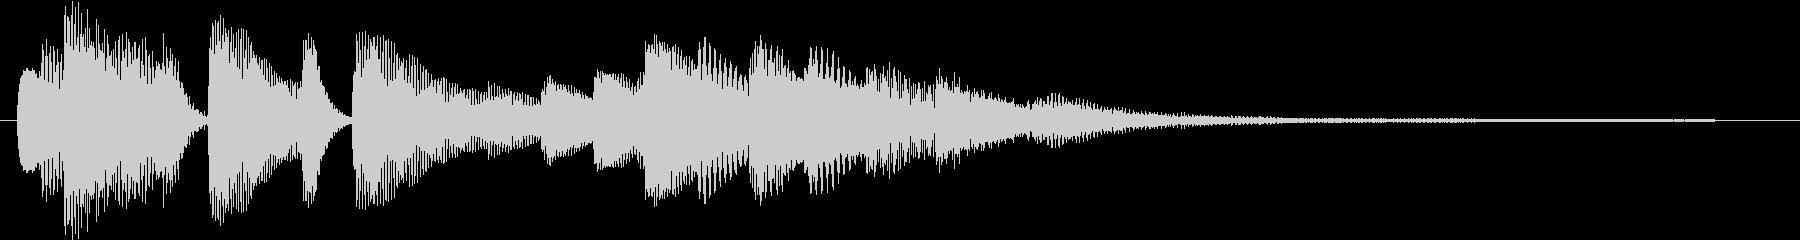 ピアノのジングル アイキャッチの未再生の波形